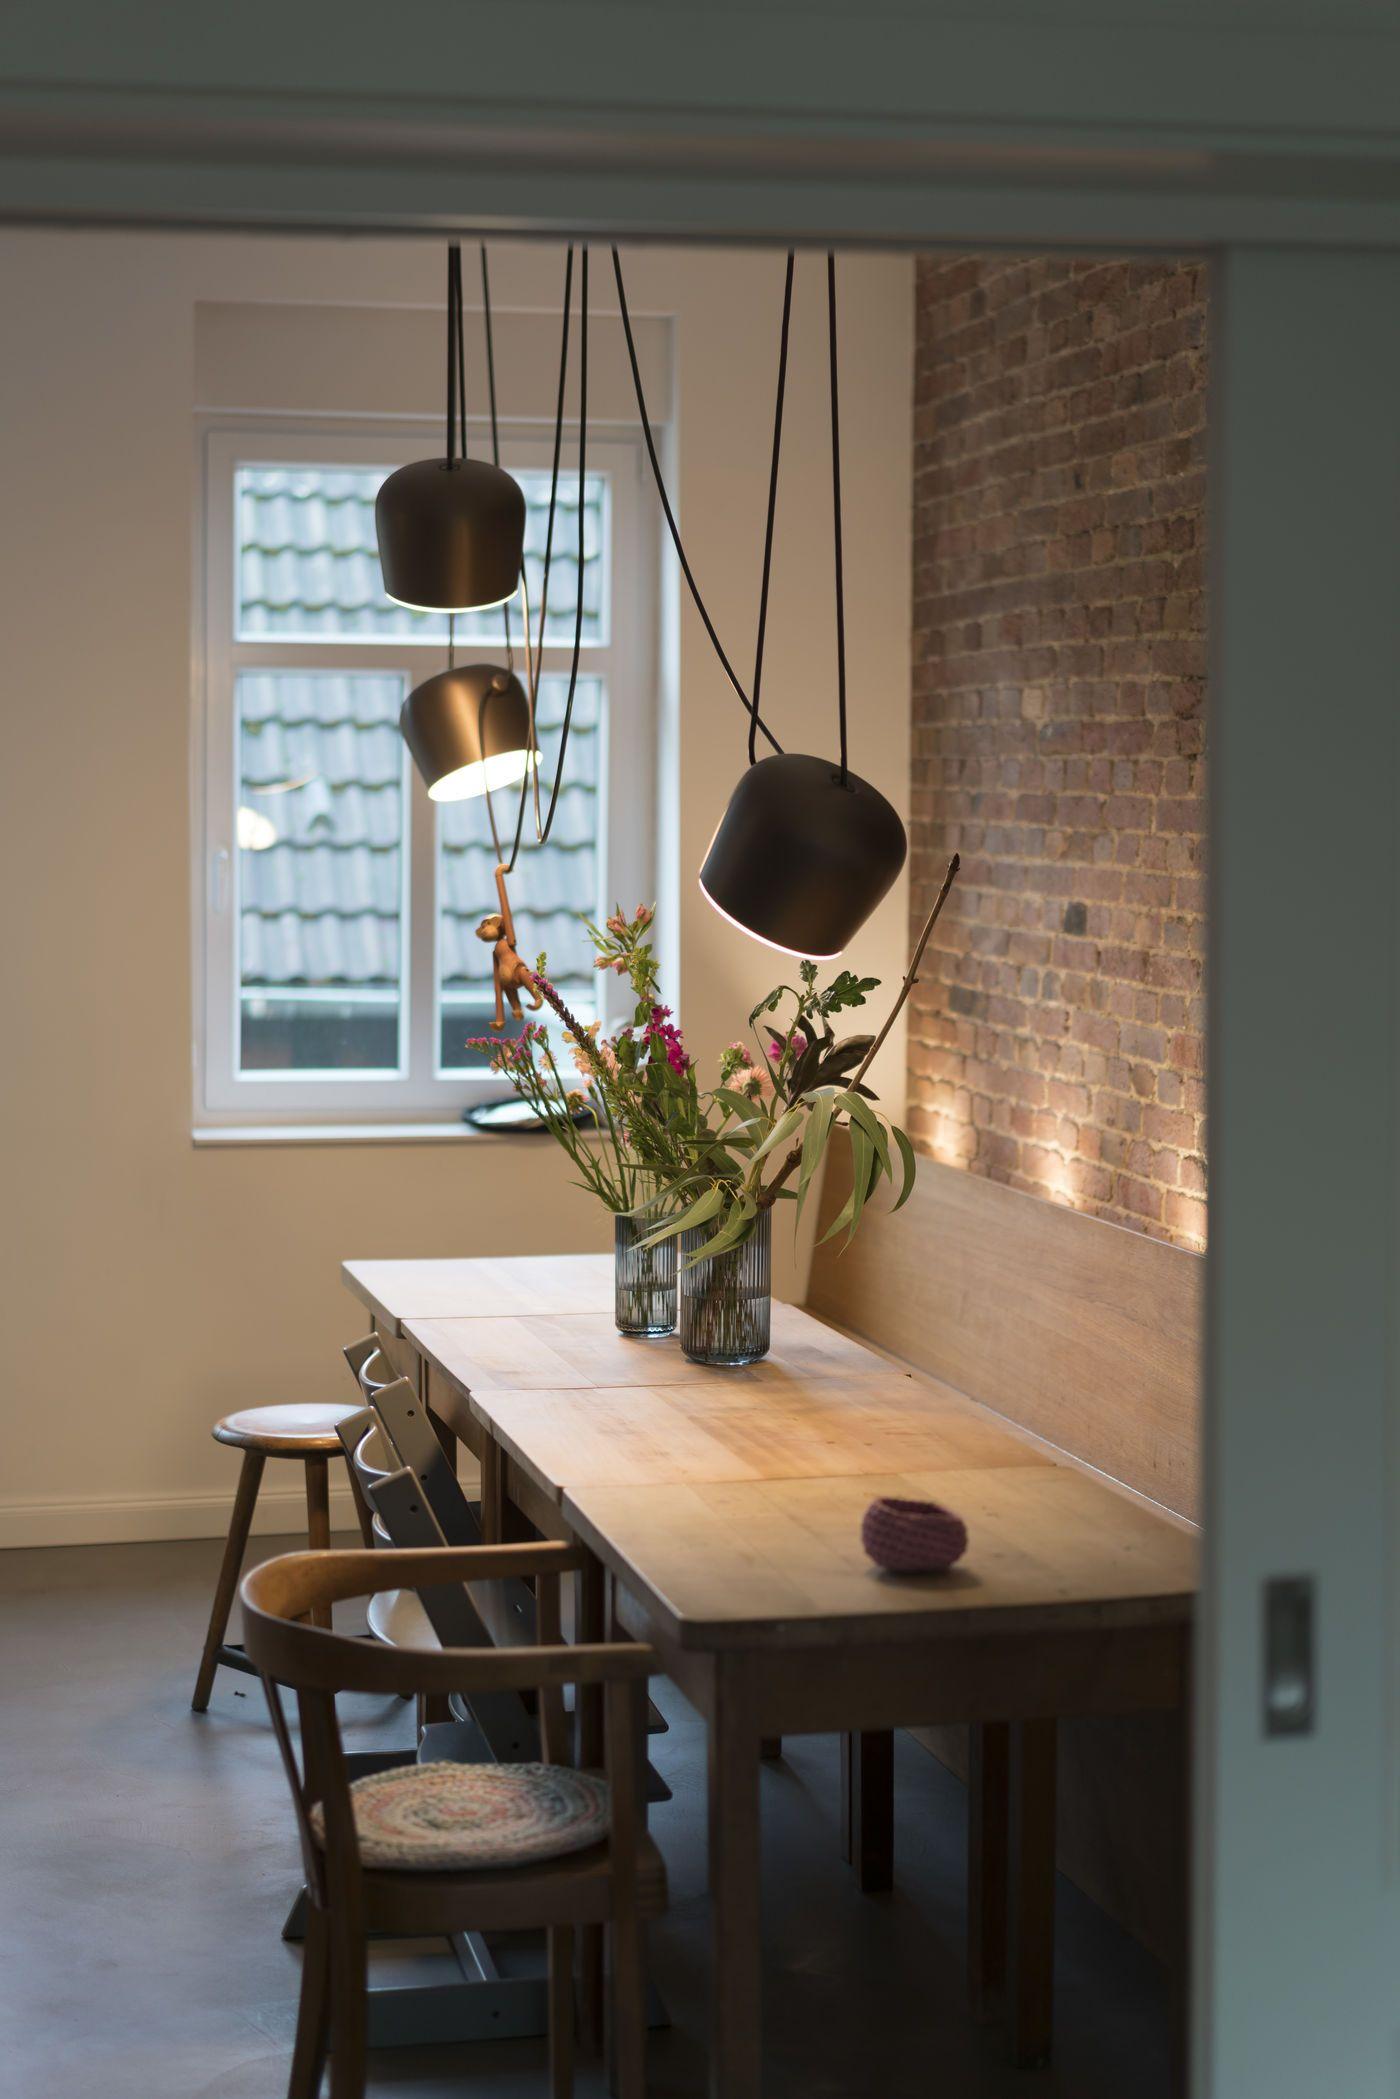 Schlafzimmer gestalten mit steinwand ikea bettw sche for Wohnzimmer gunstig gestalten